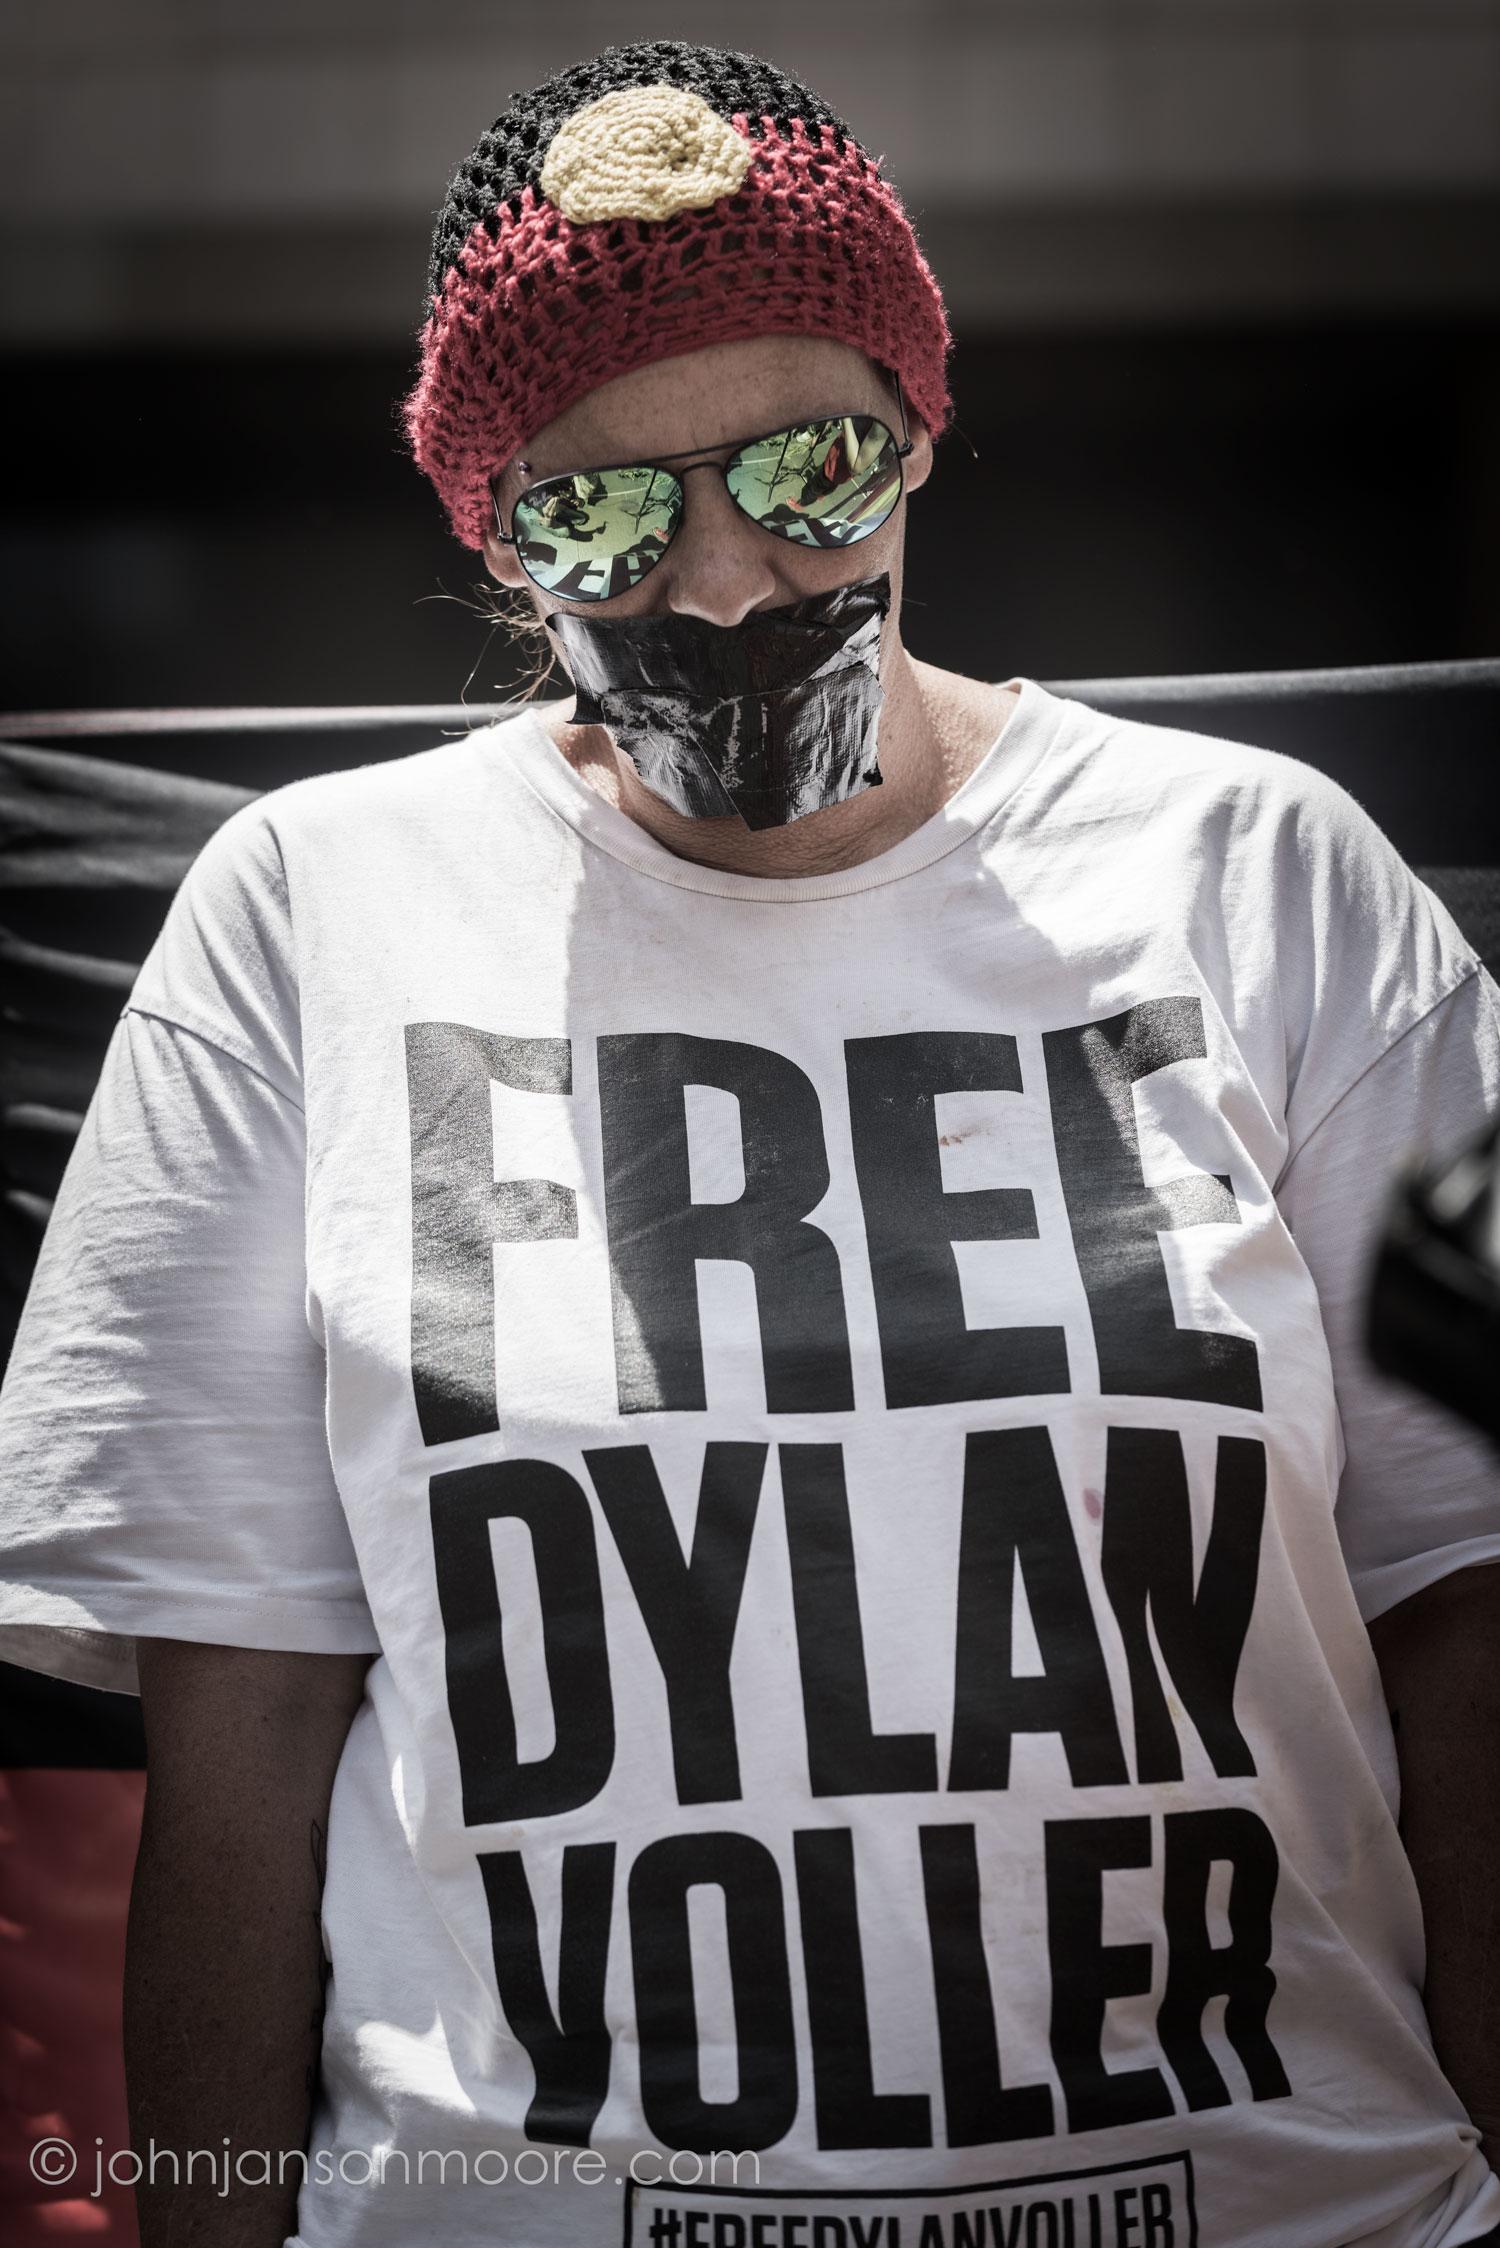 Joanne Voller, mother of Dylan Voller